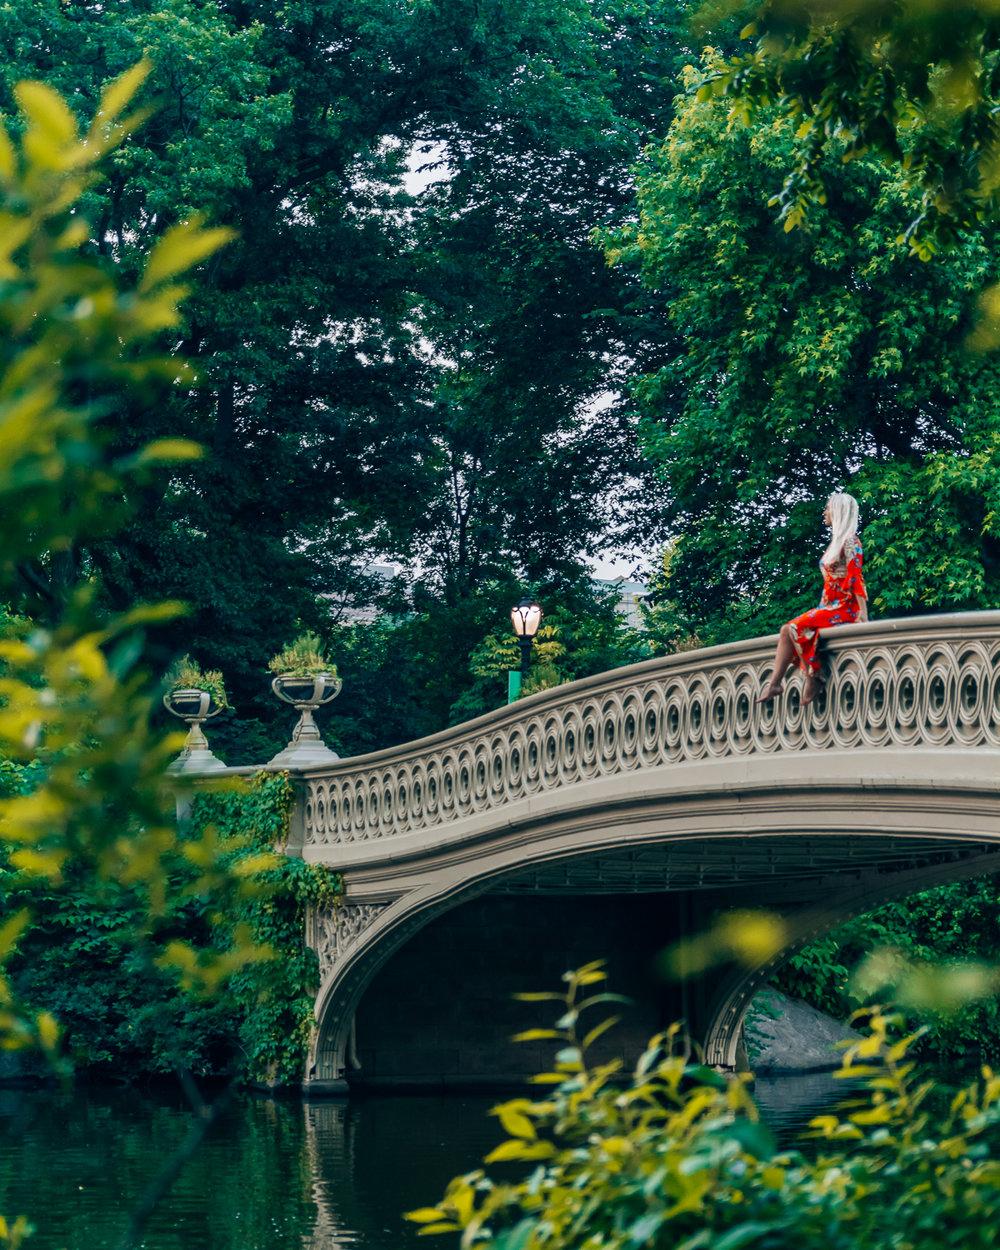 Central Park's Pond & Gapstow Bridge